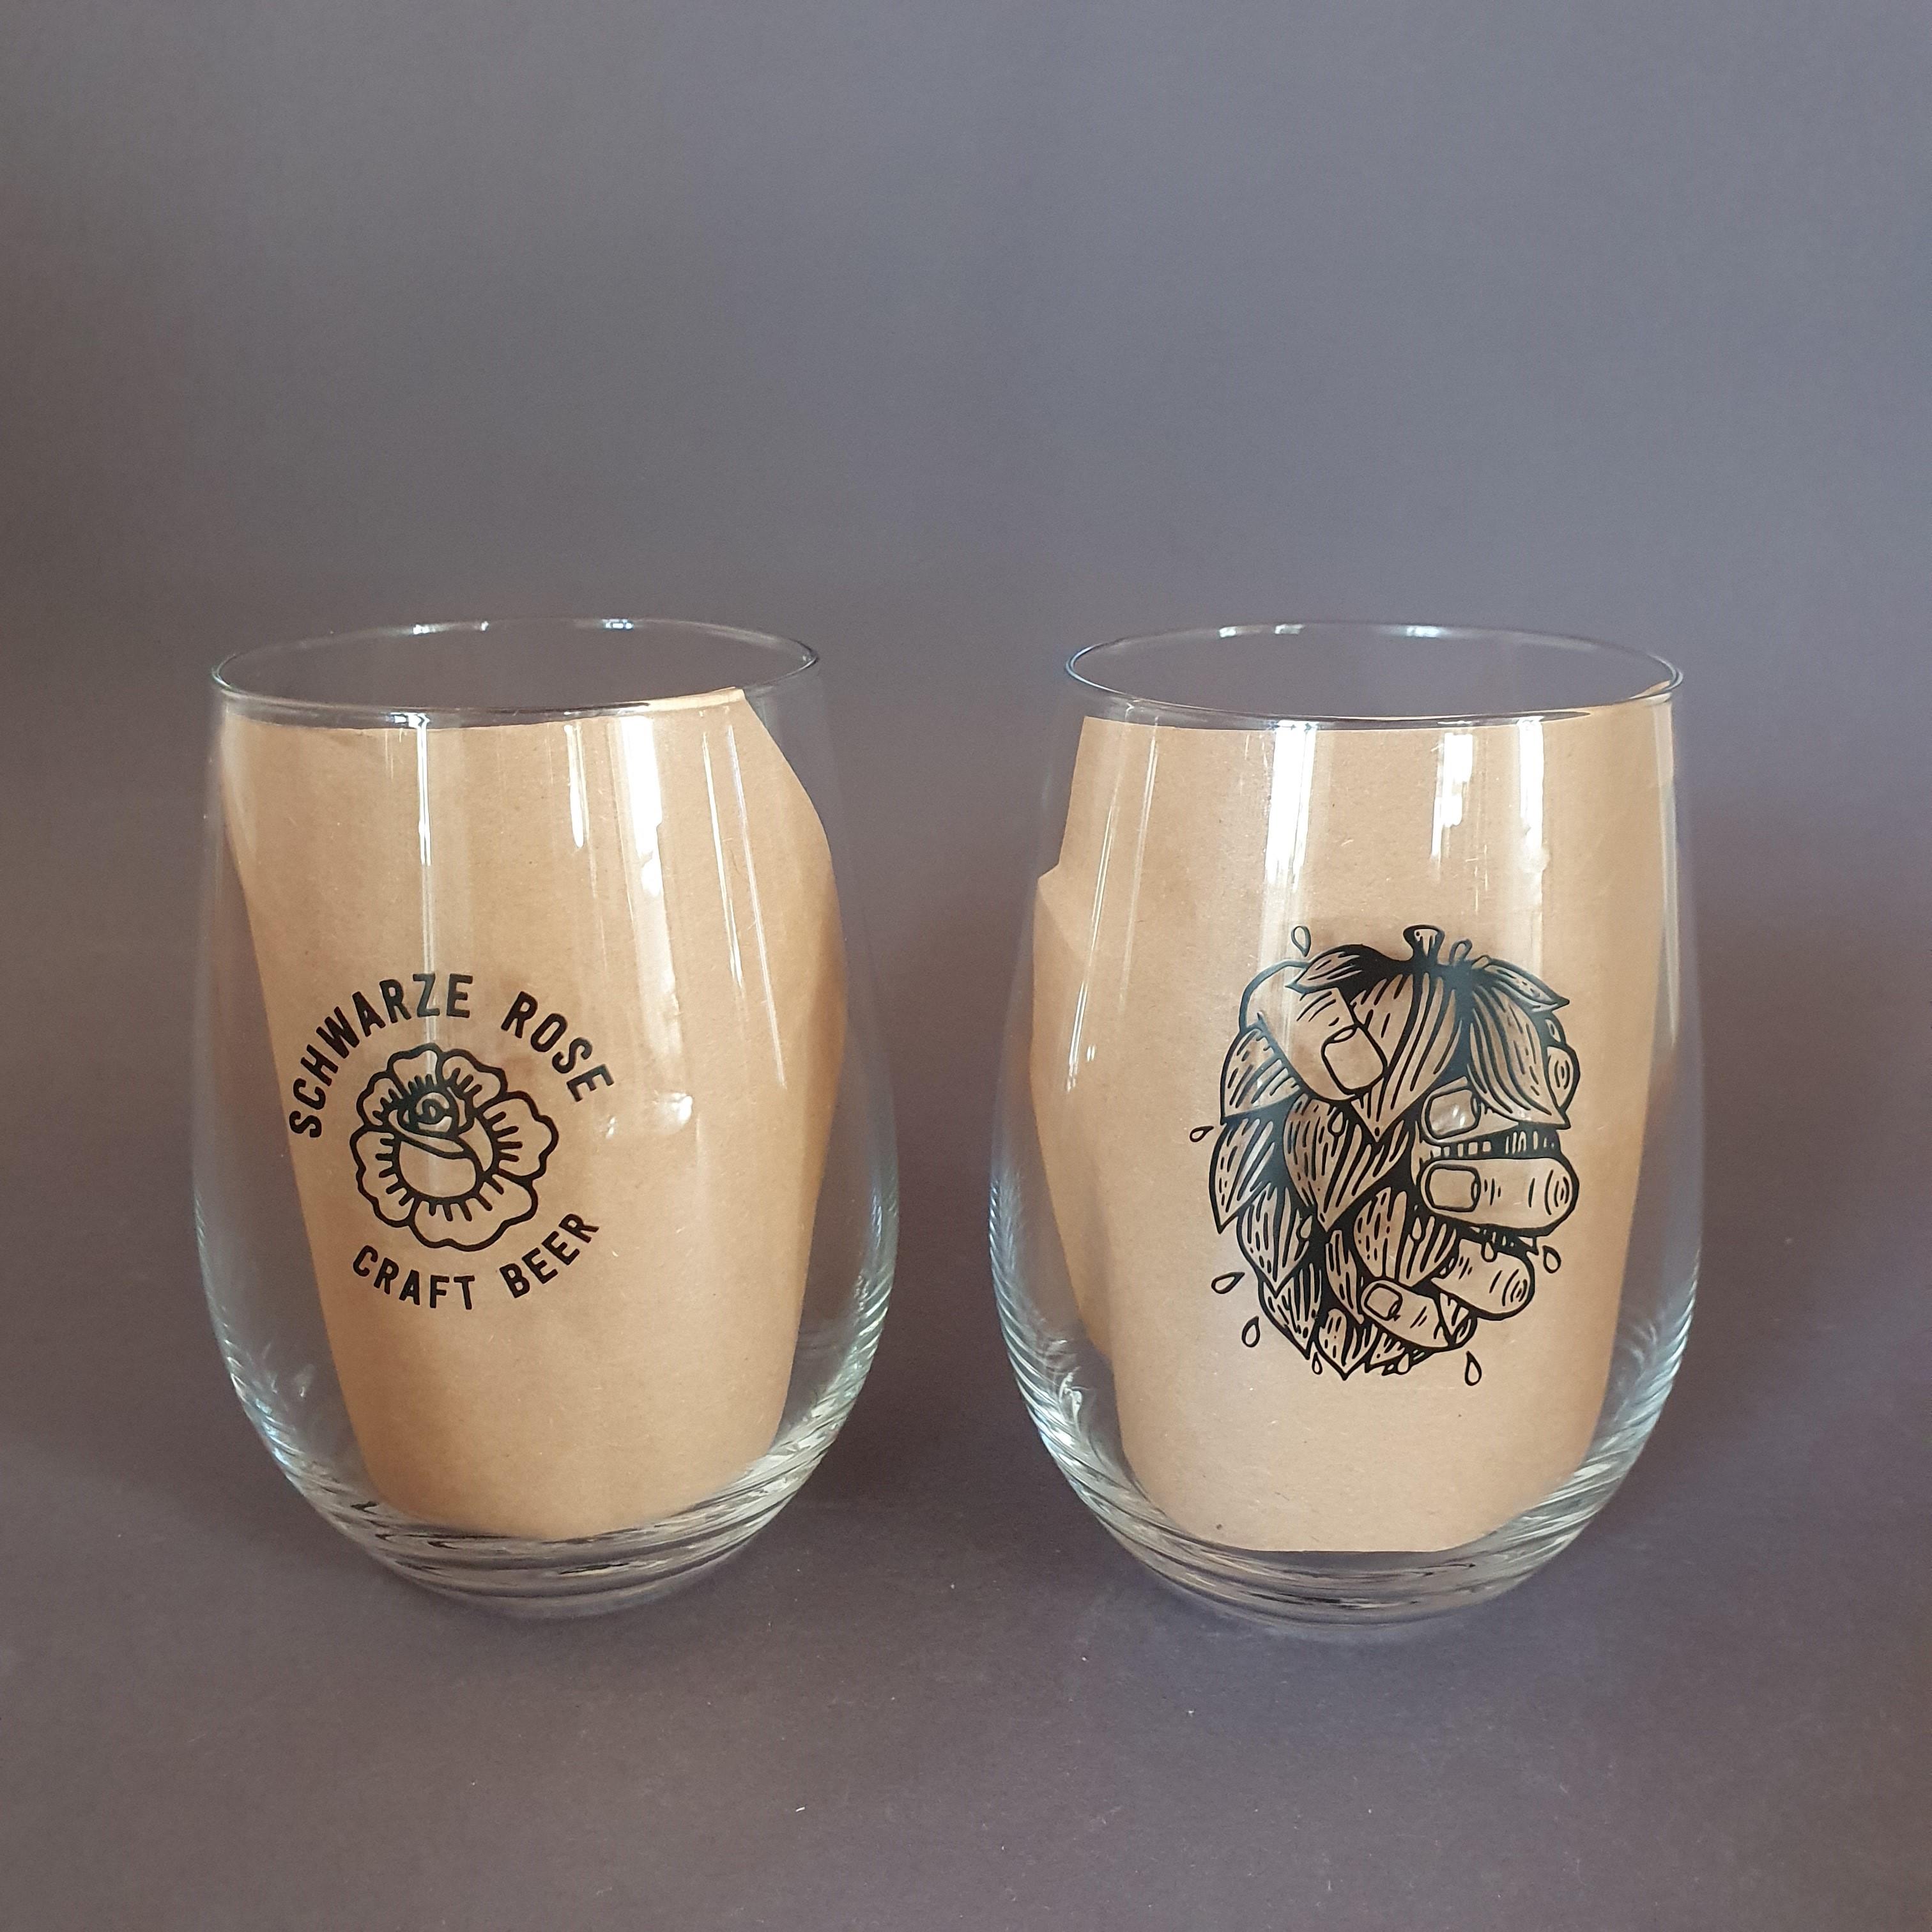 Craft-Beer-Glas von Schwarze Rose